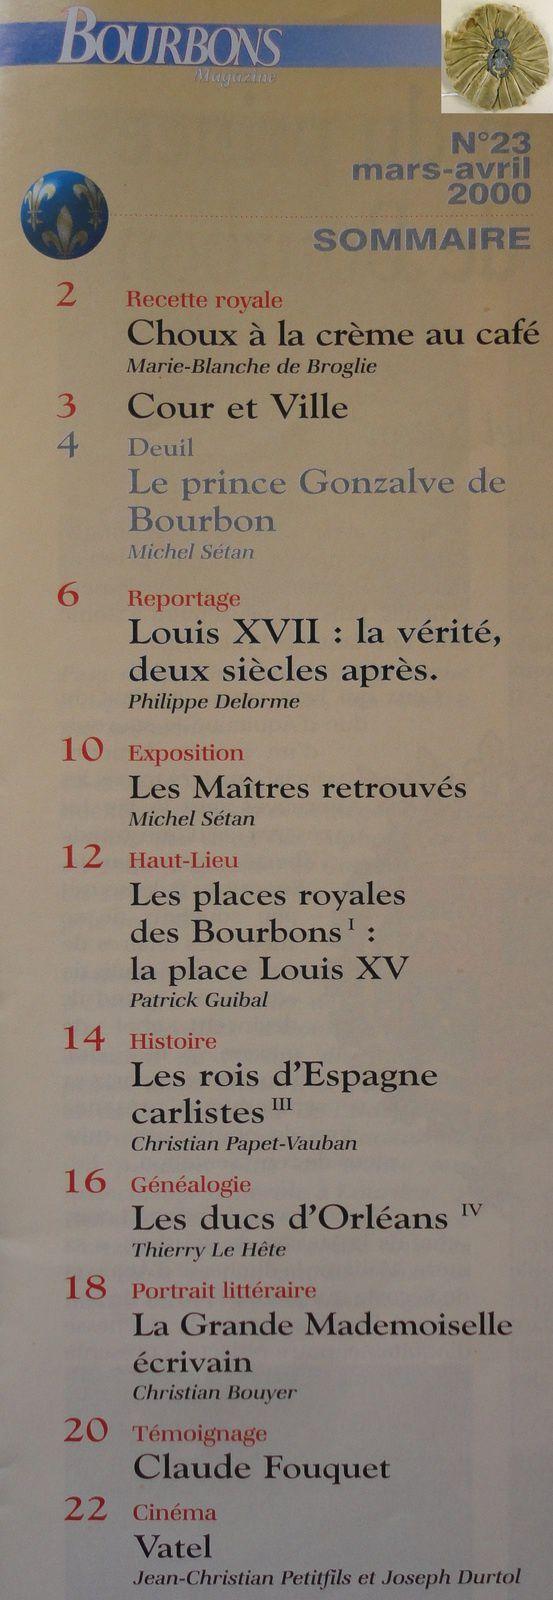 SOMMAIRE DE BOURBONS MAGAZINE NUMÉRO 23